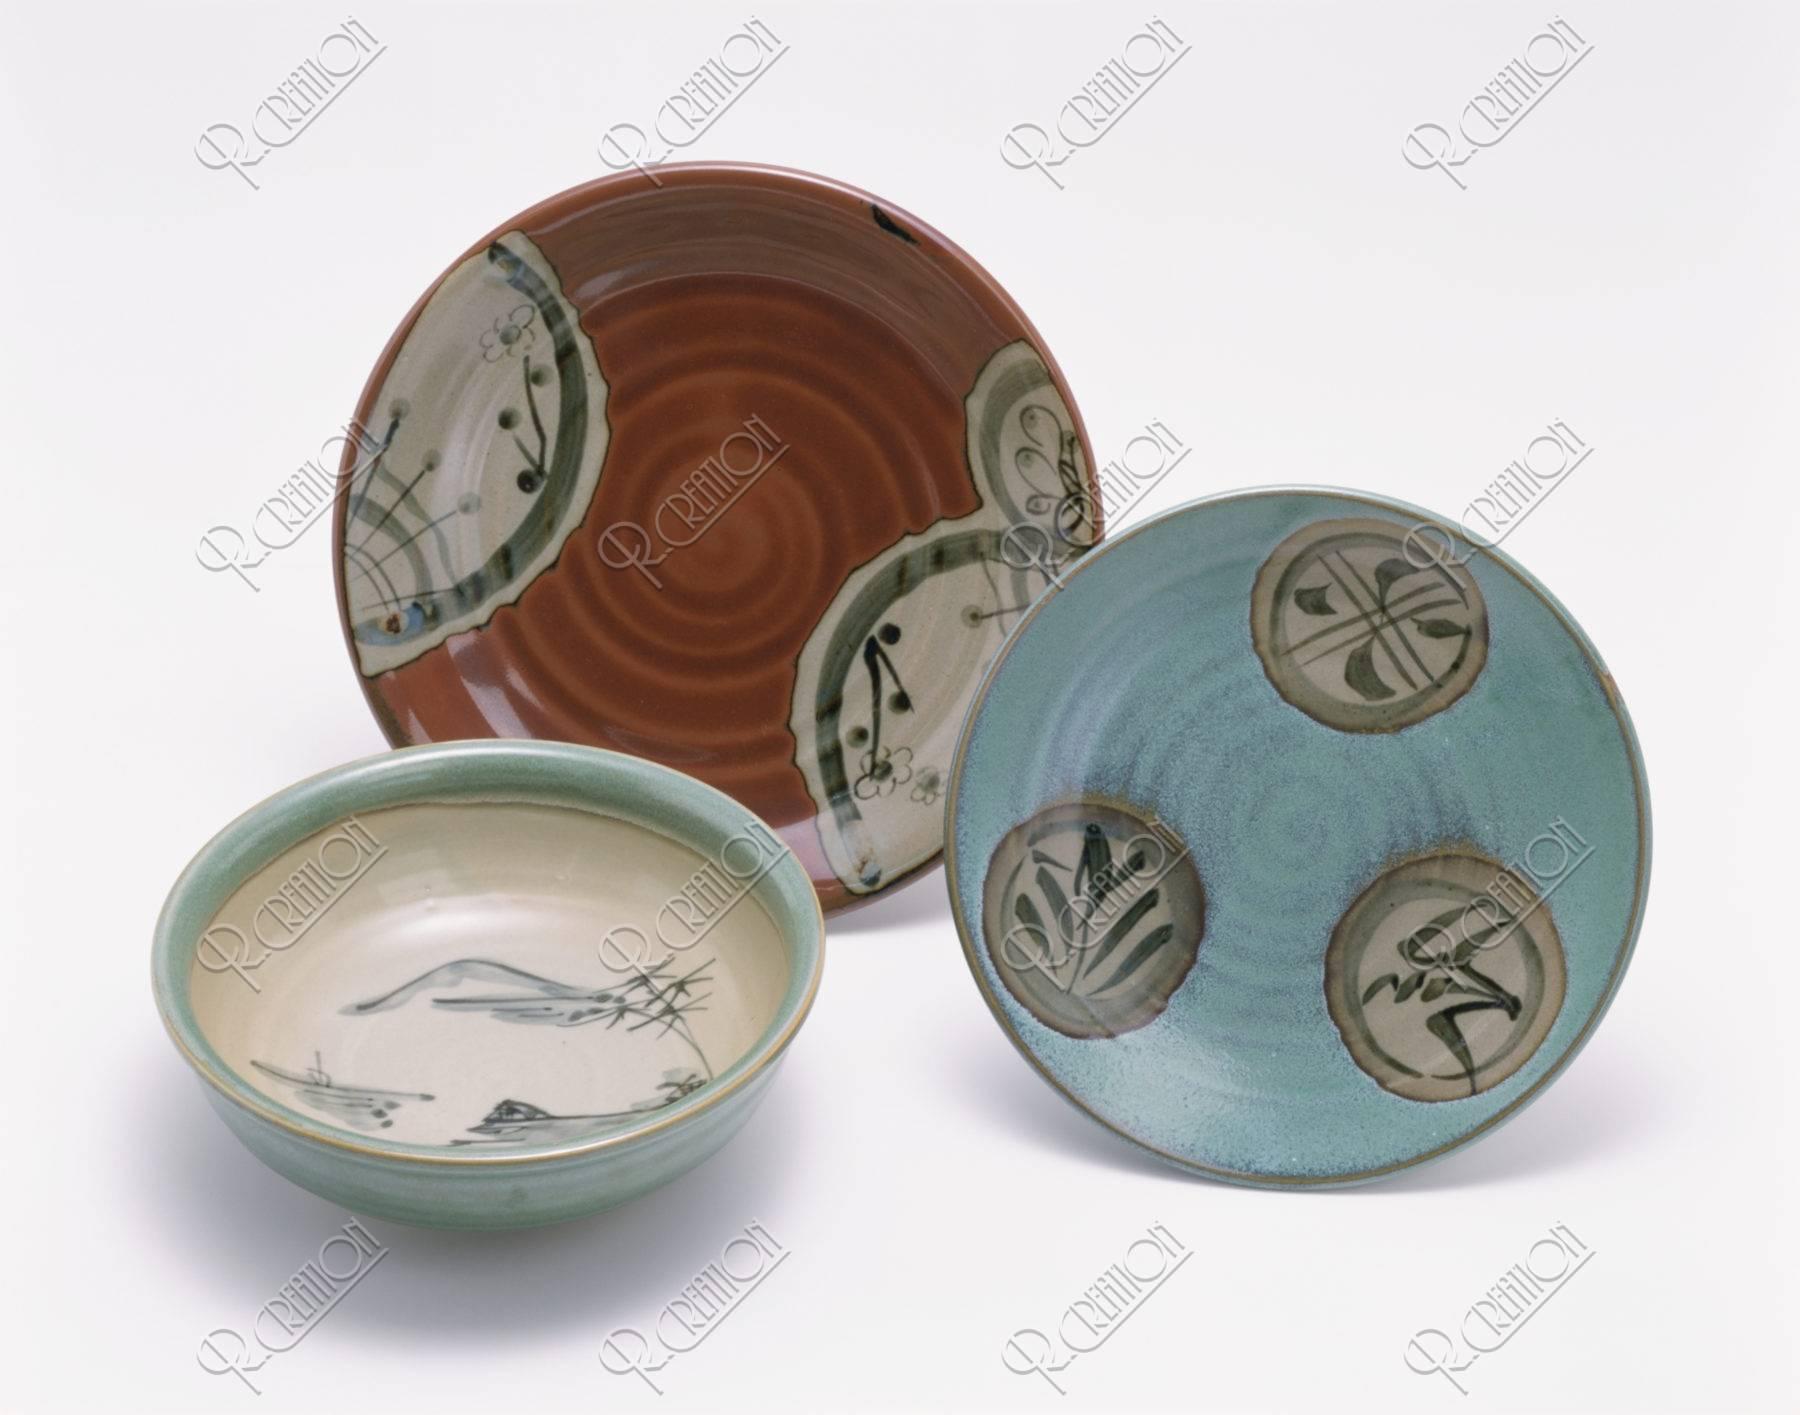 美濃焼 皿と鉢